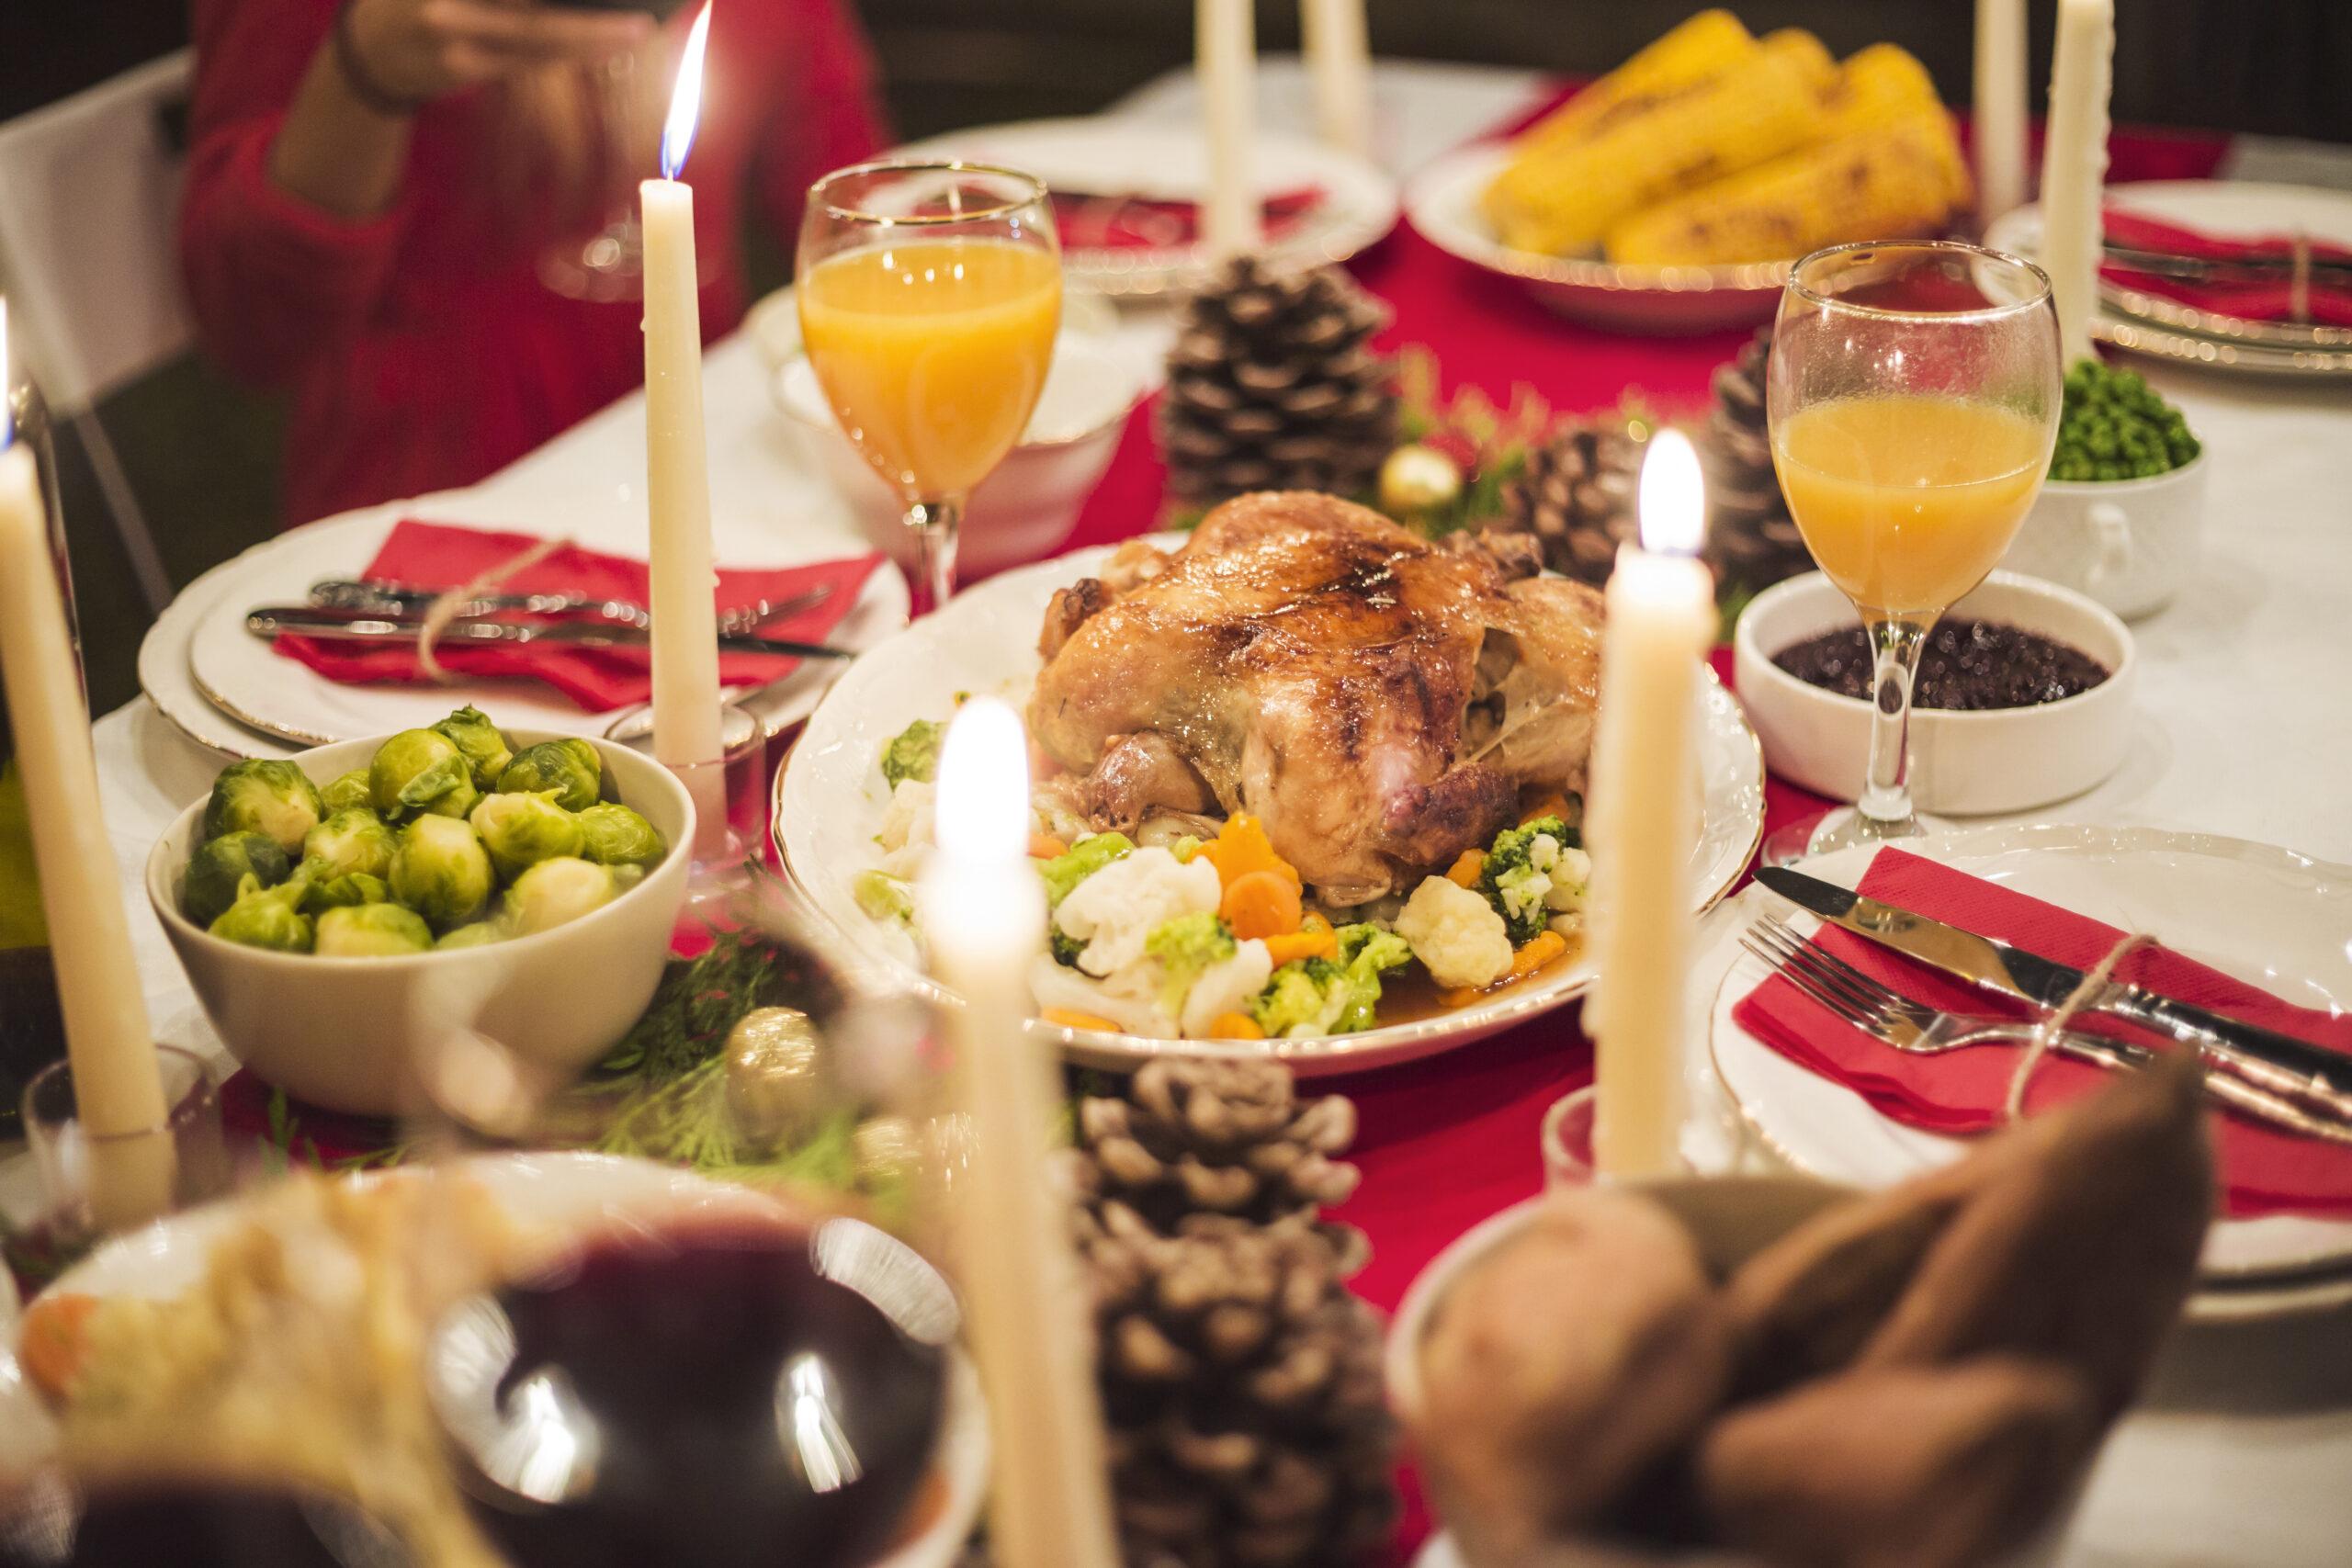 recetas navideñas con aceite de oliva virgen extra